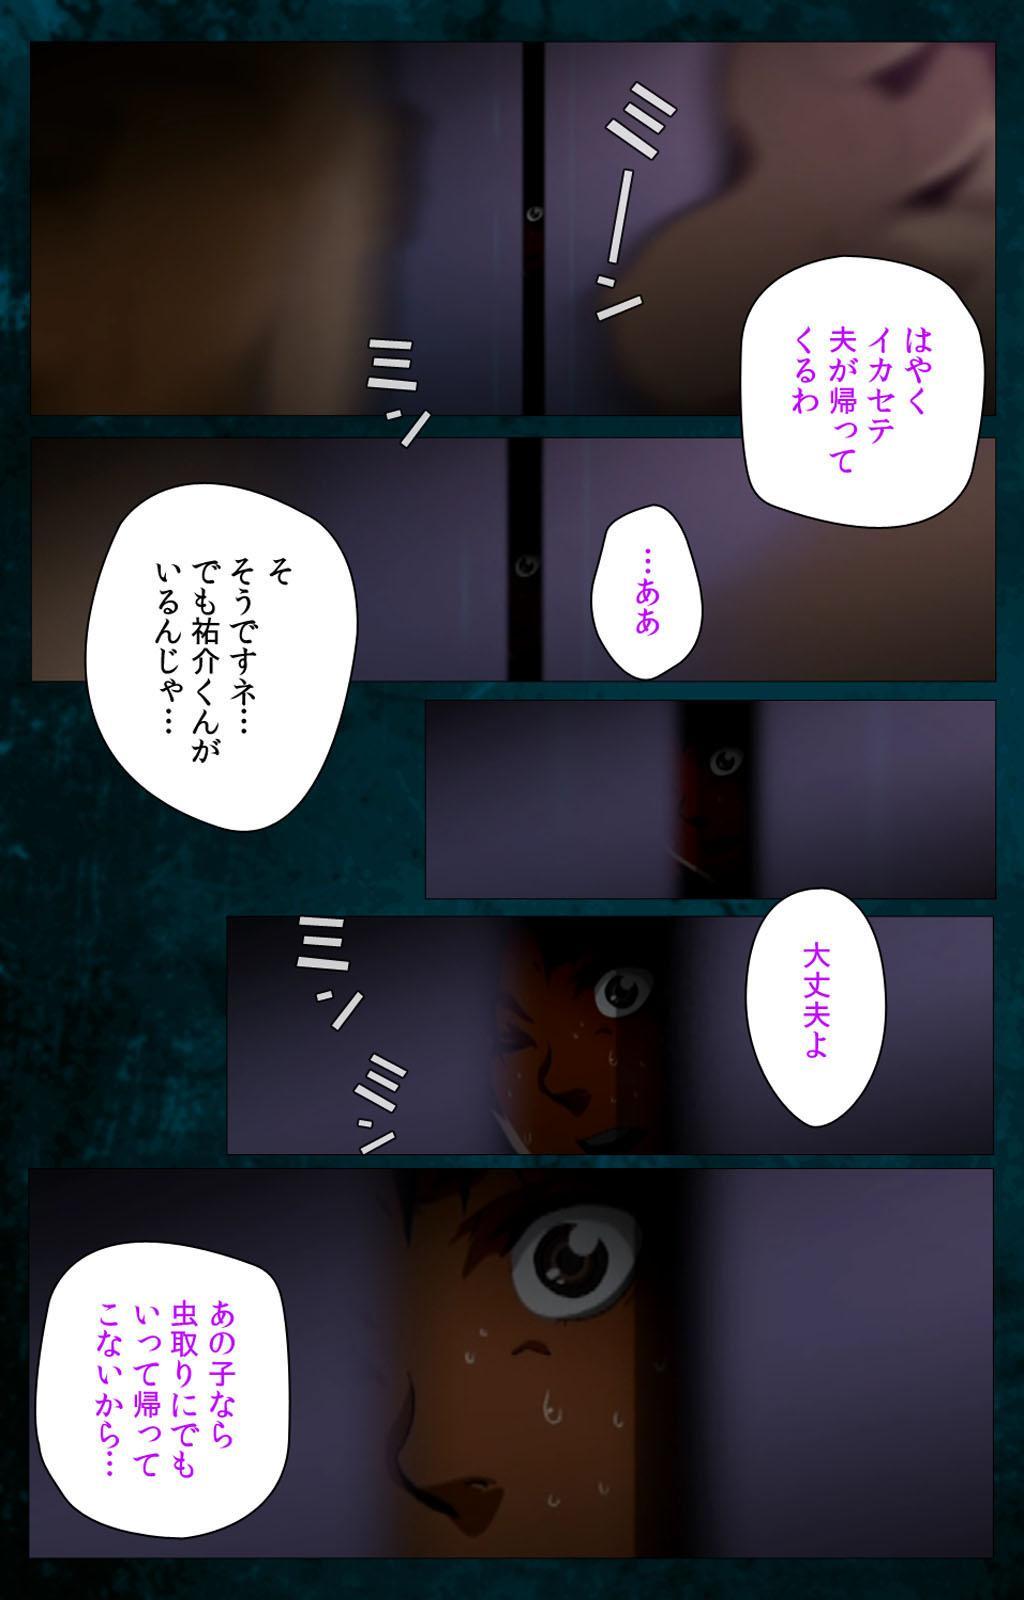 Gibo kanzenhan 11